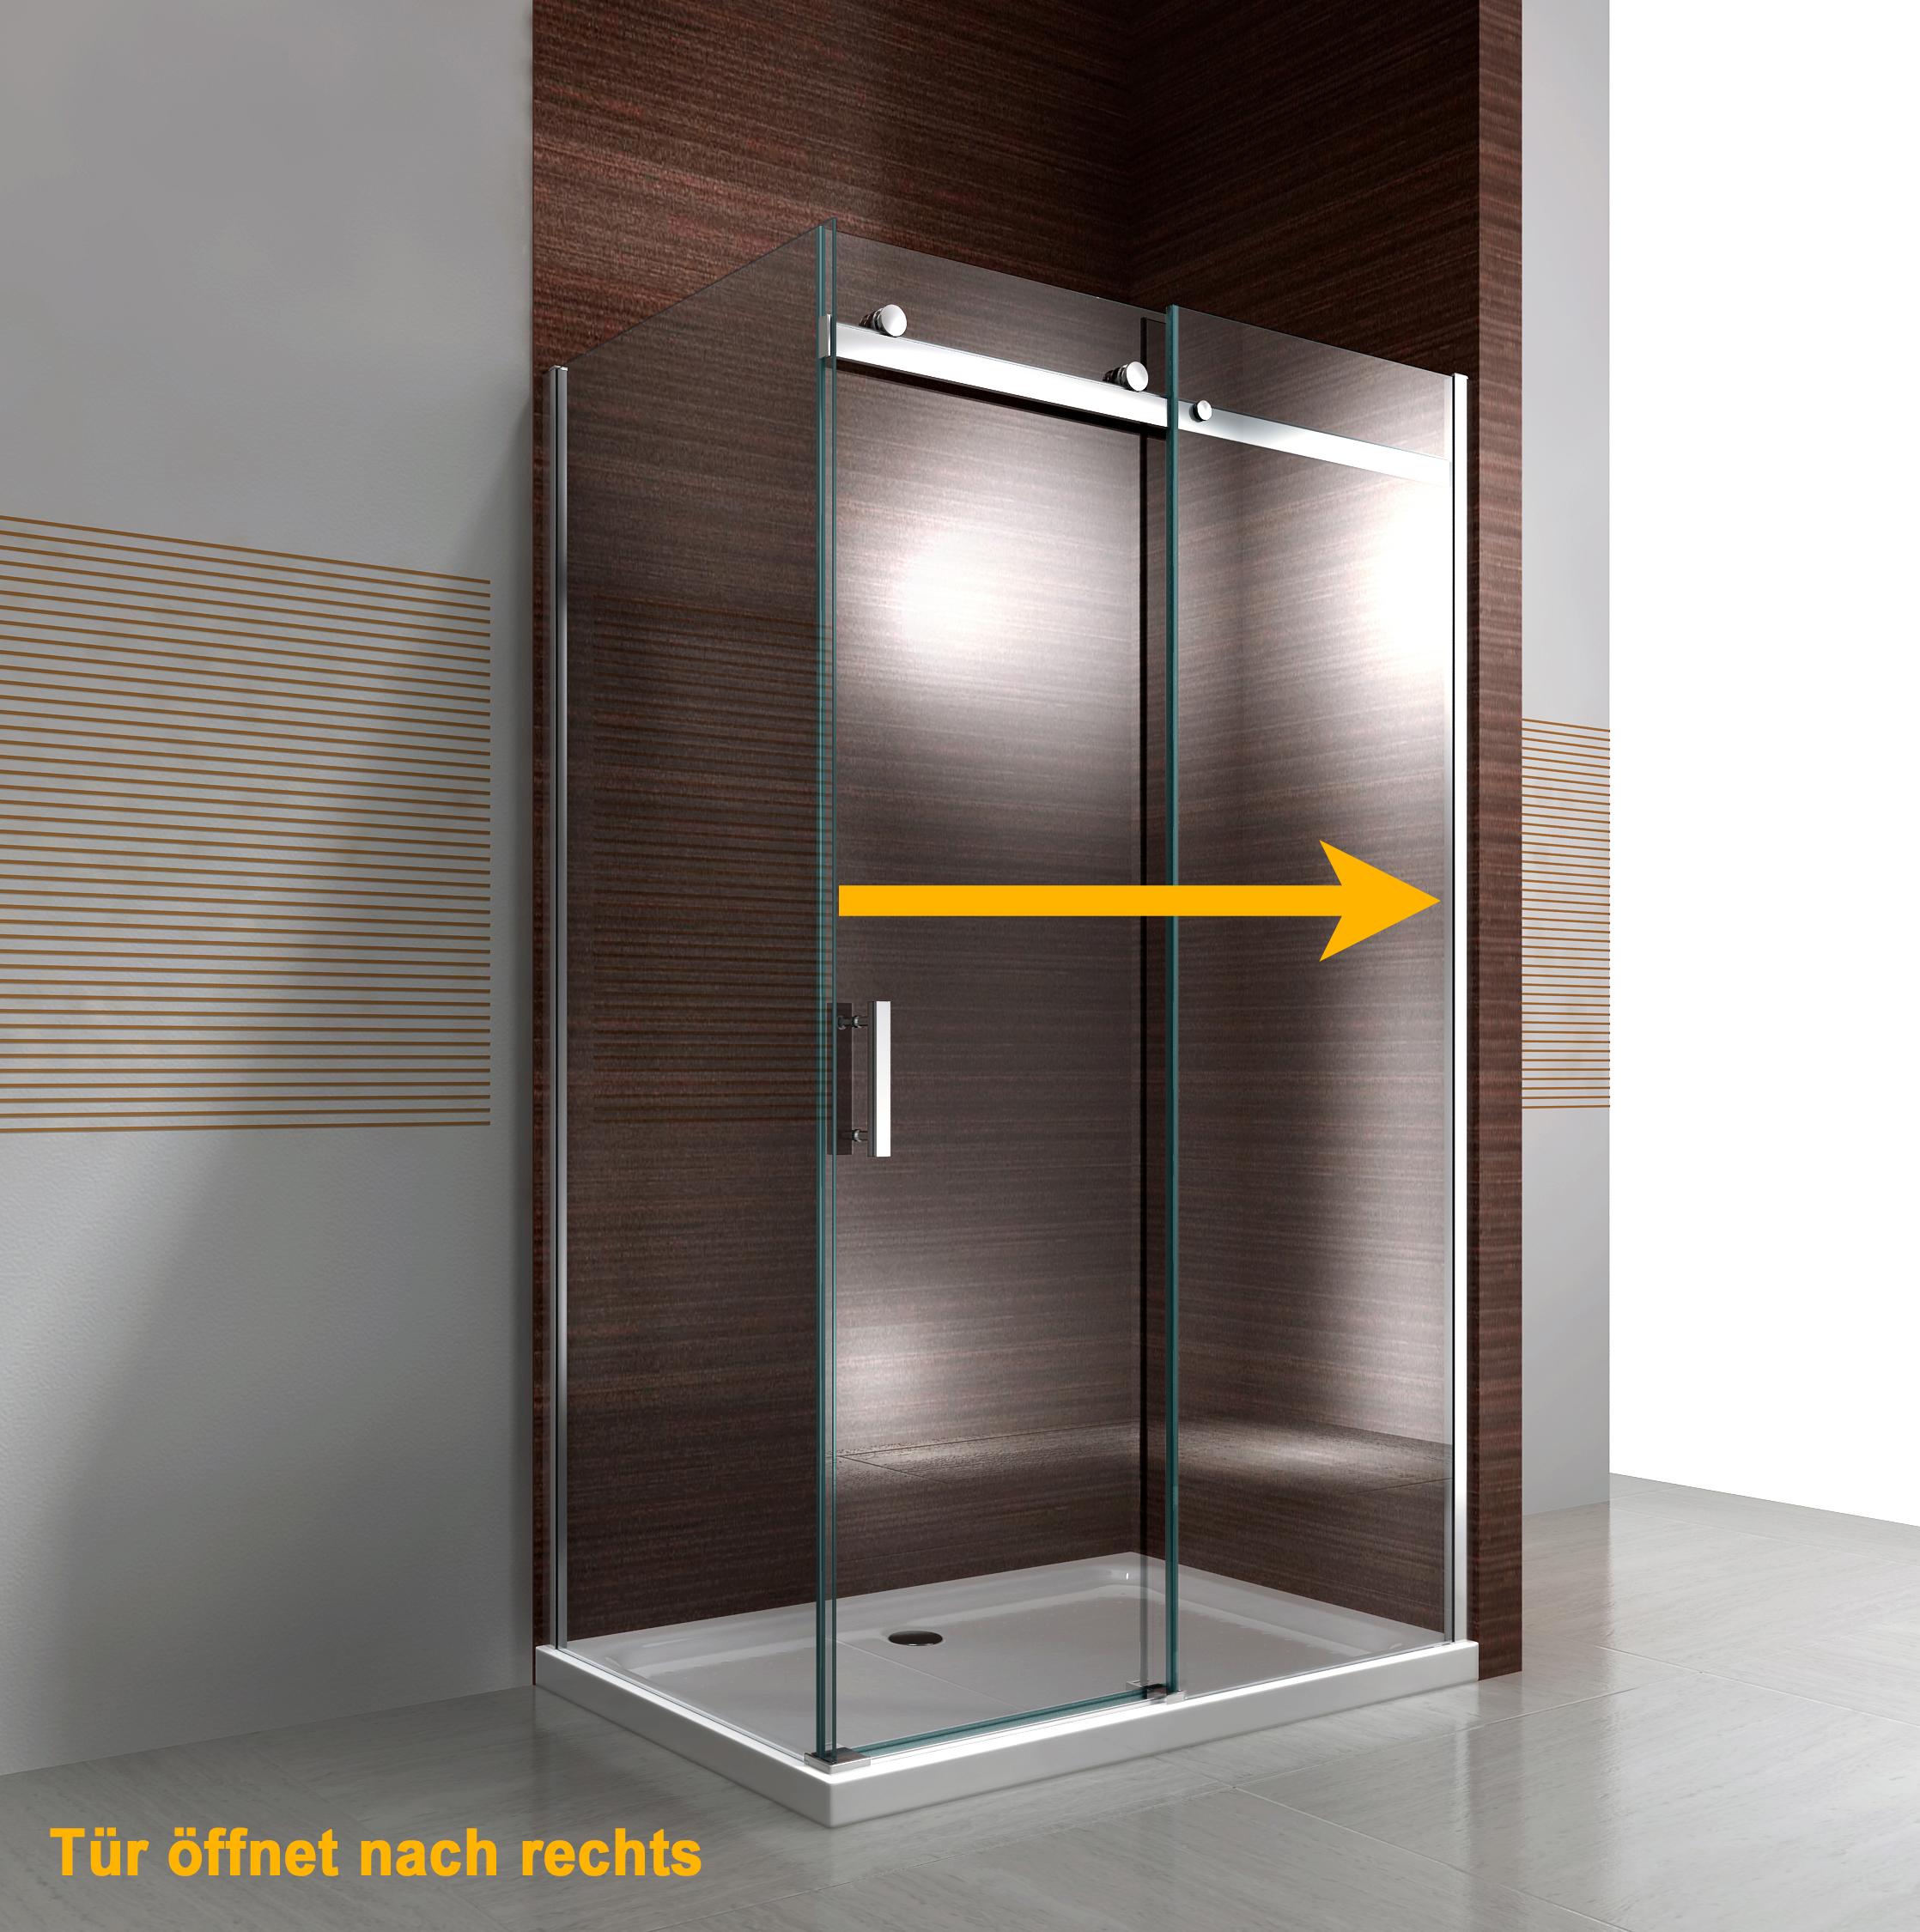 Duschkabine EX806 - Einbau Rechts